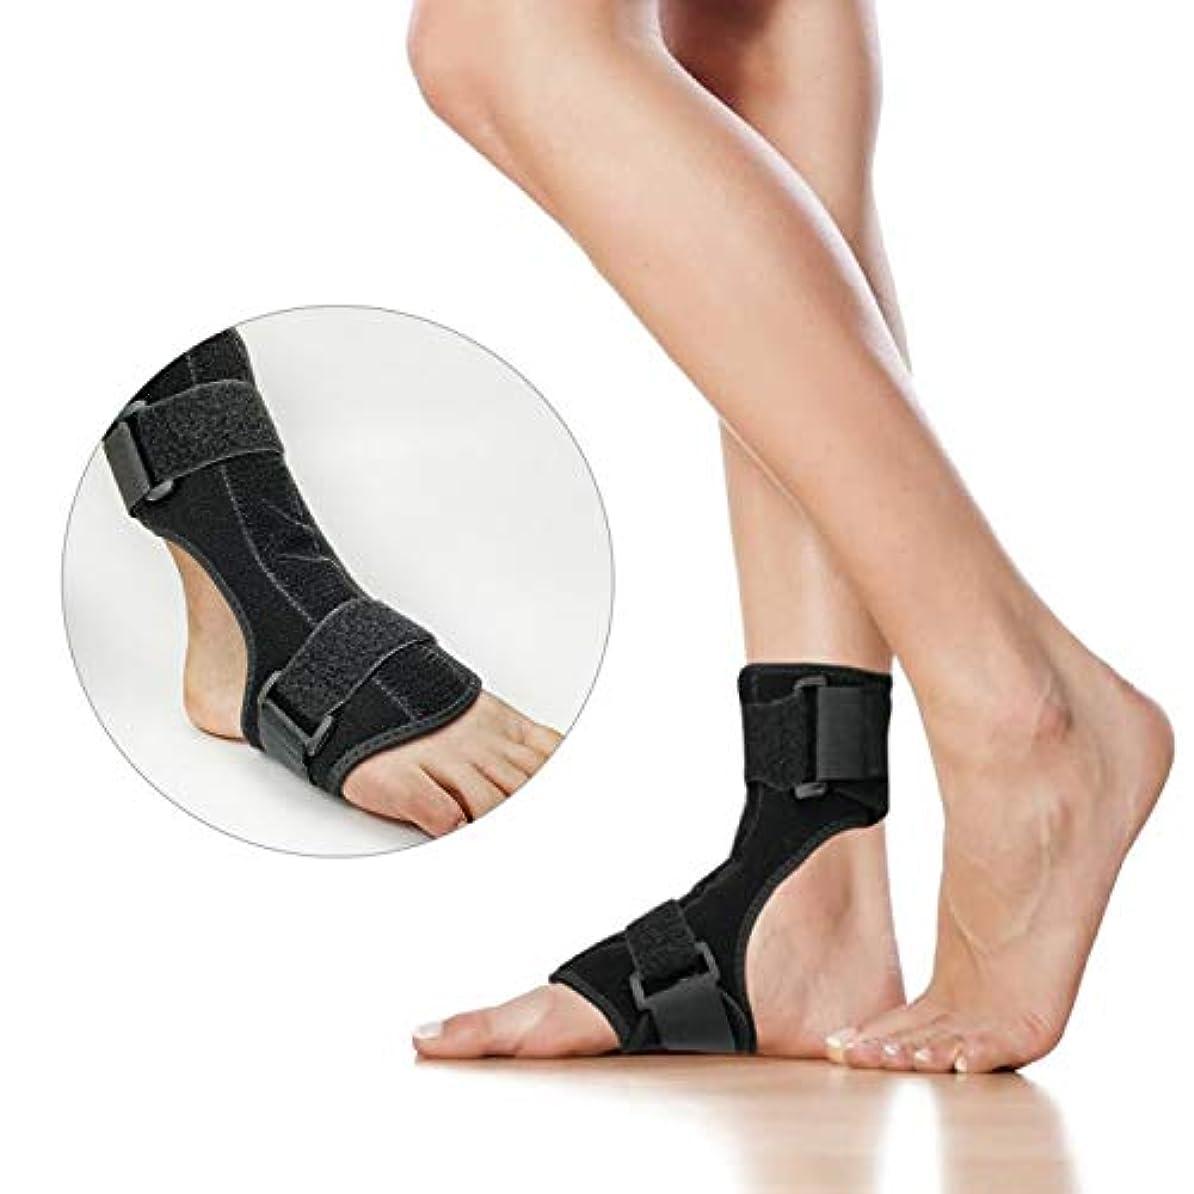 モニターペストリーそこ足首装具、ユニバーサルフットドロップ装具装具、アルミニウム足首足底筋膜炎スプリントサポート子供と大人のためのストラップサポート付き足装具